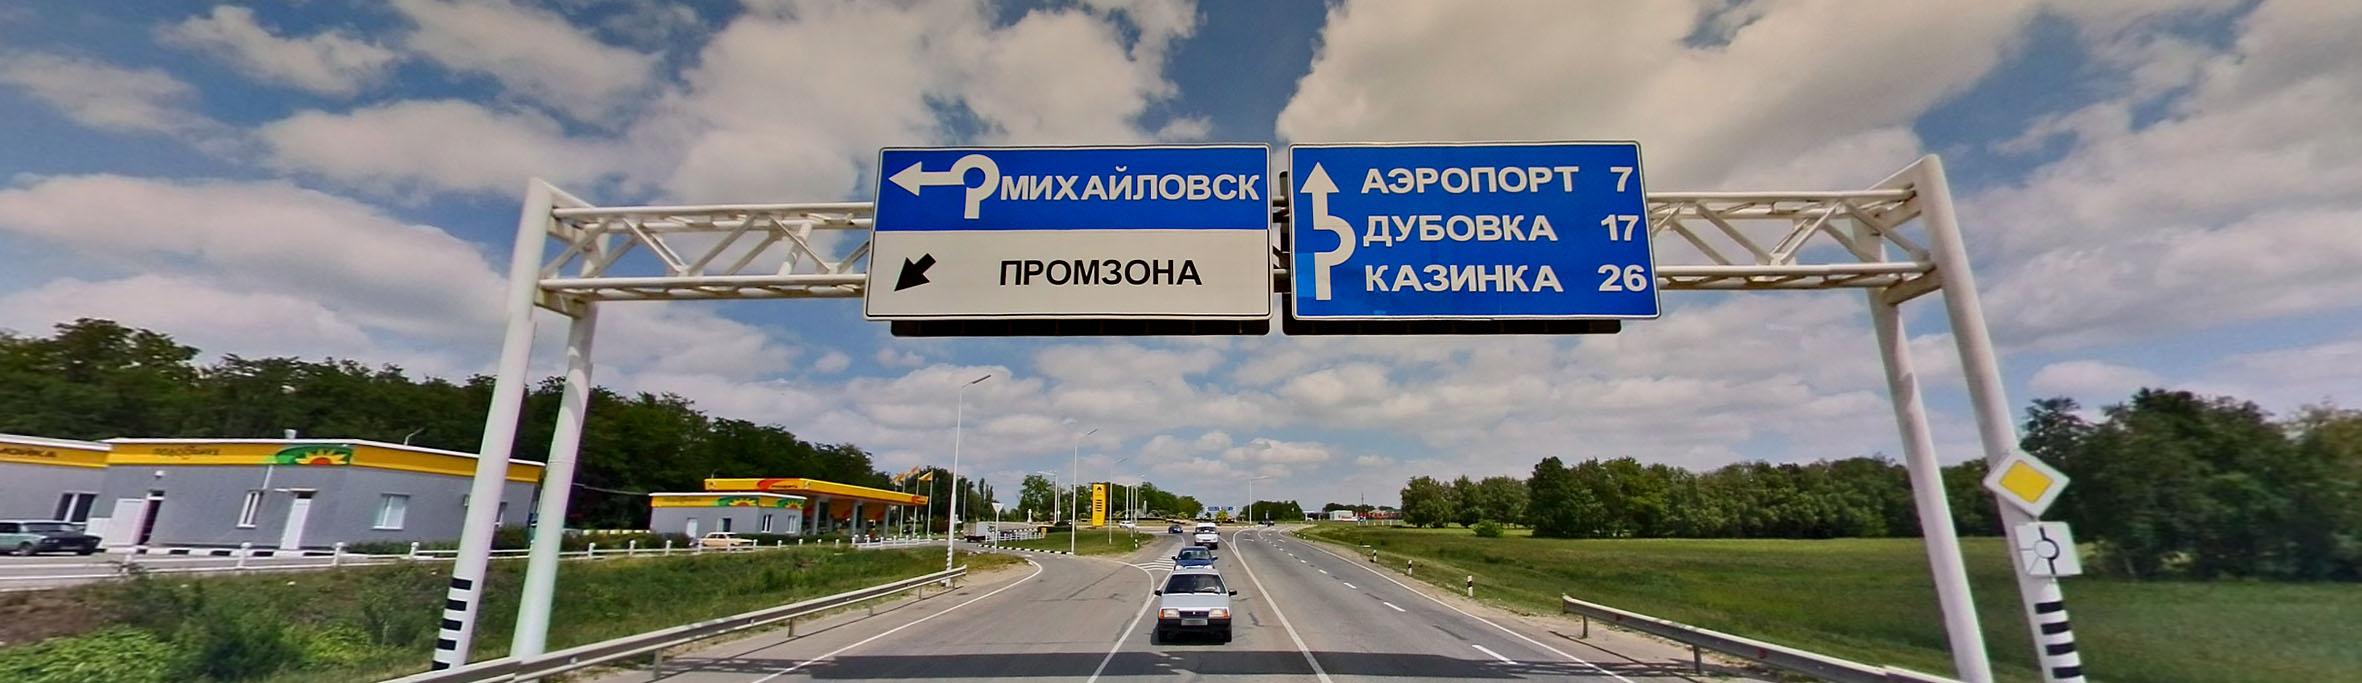 Реклама на билбордах в Михайловске реклама